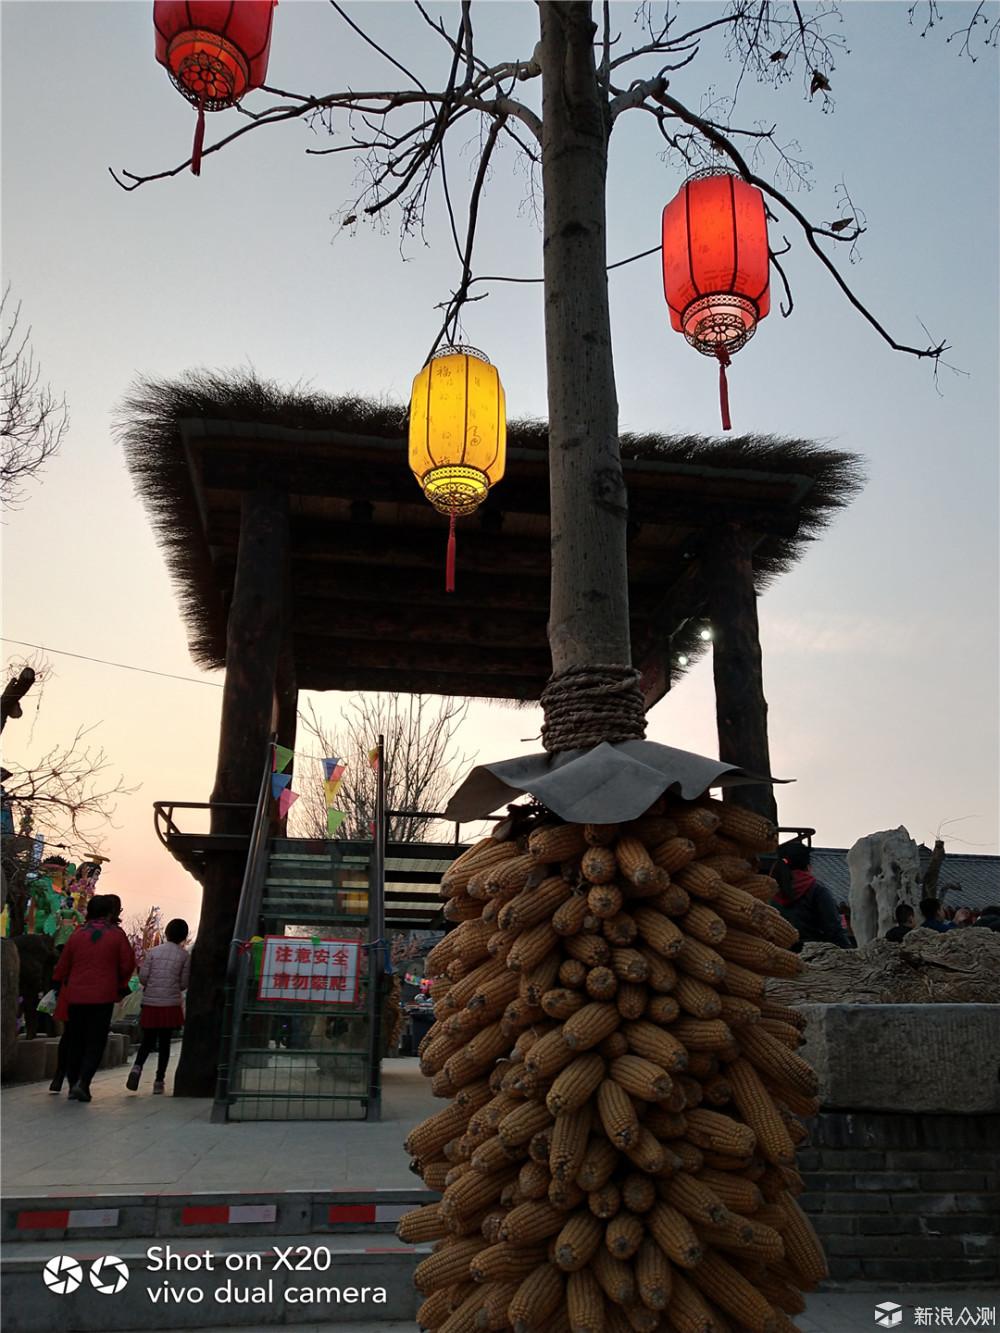 #春节有奖征稿#中国年,逛灯会_新浪众测